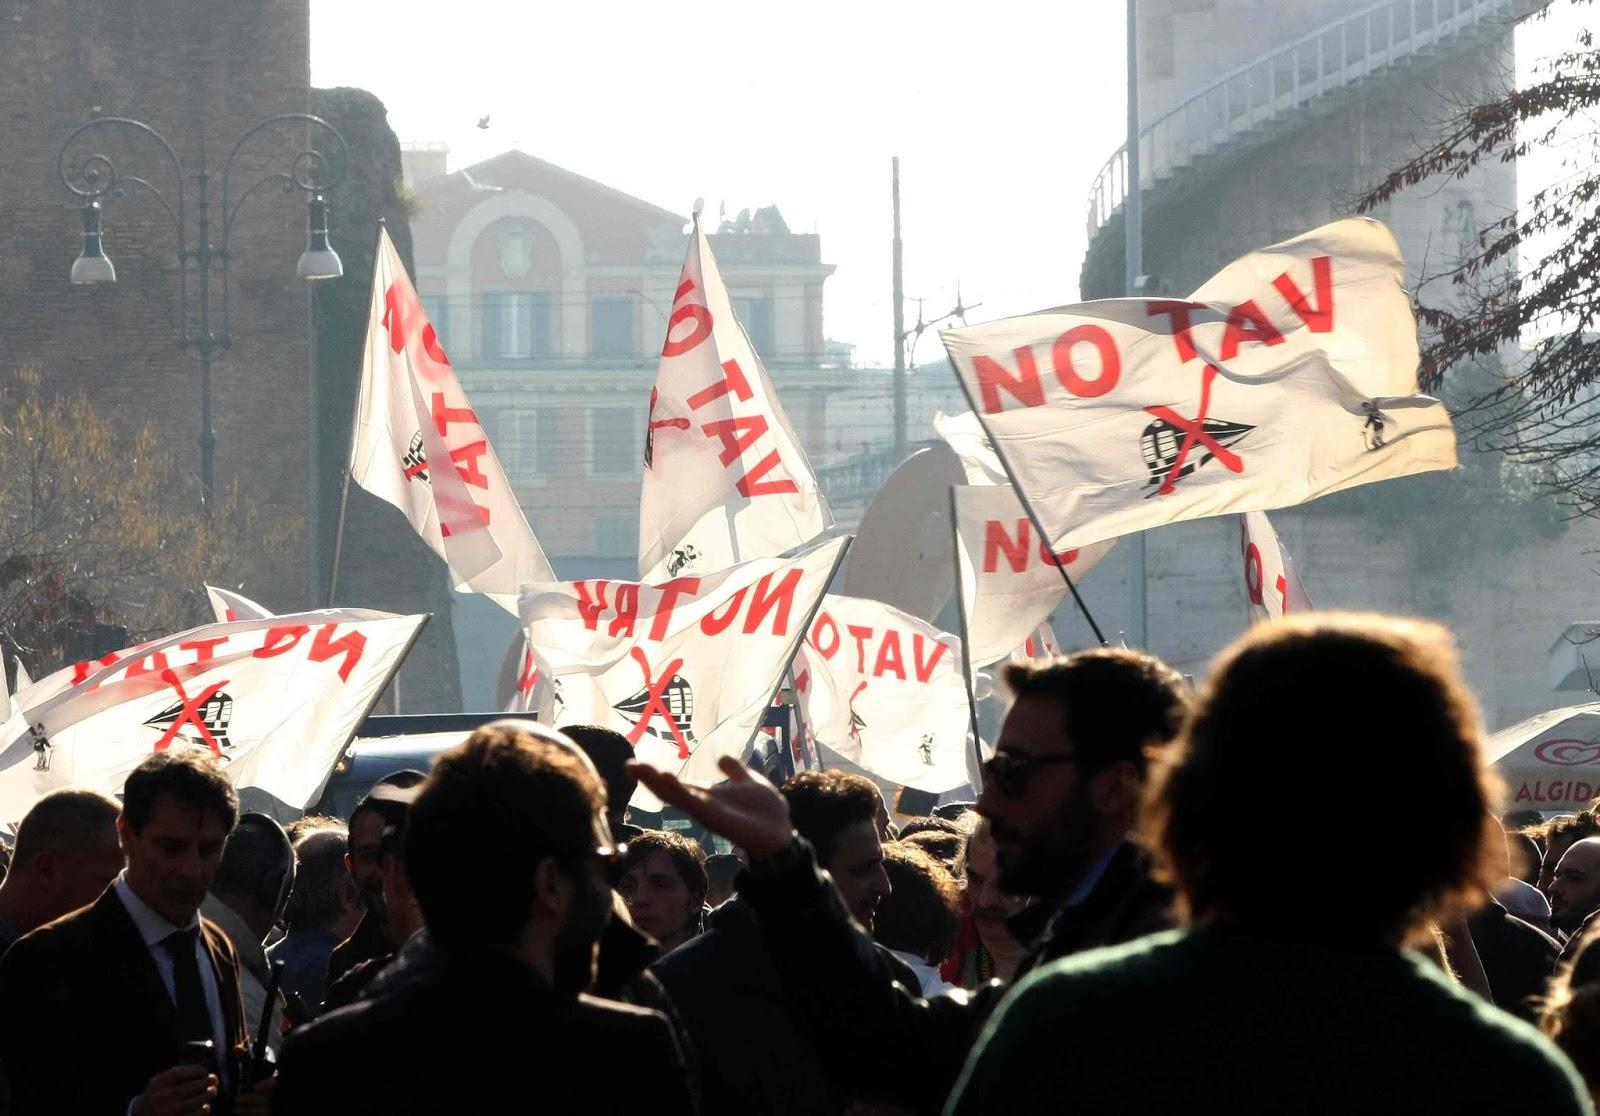 Digiuno per Abbà e gli altri attivisti No Tav